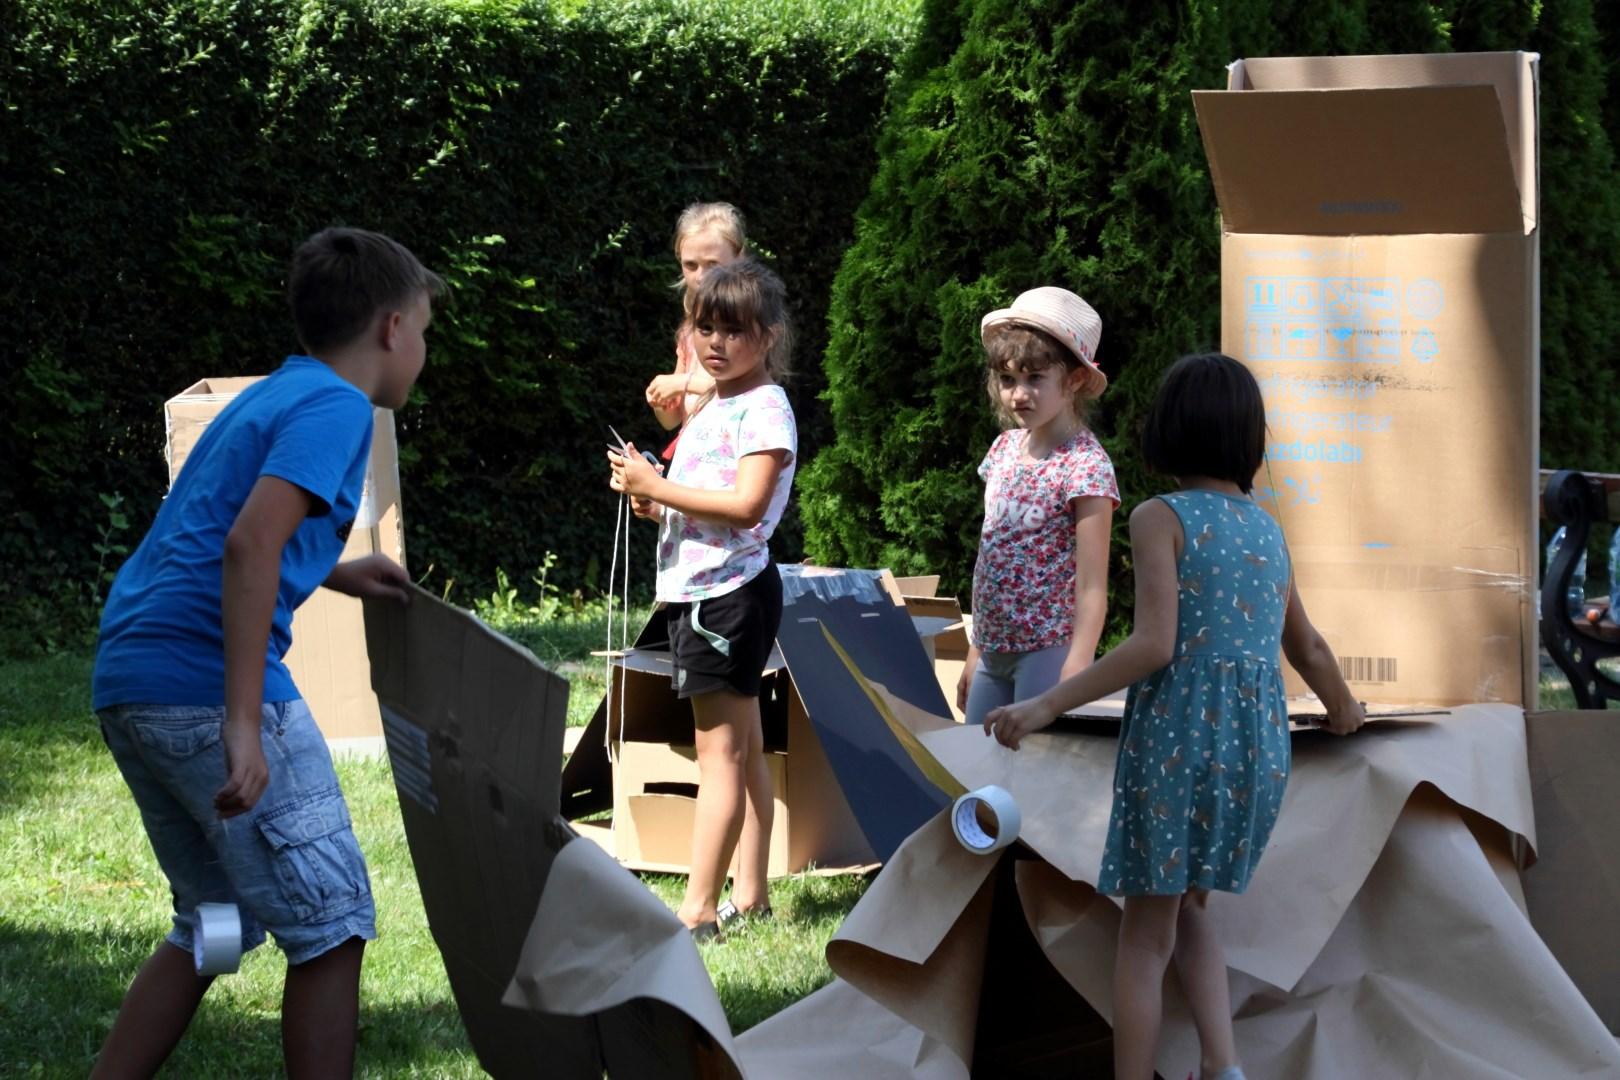 Na zdjęciu piątka dzieci, bawiąca się na trawie. Dzieci stoją przy kartonowych pudełkach tworząc budowle